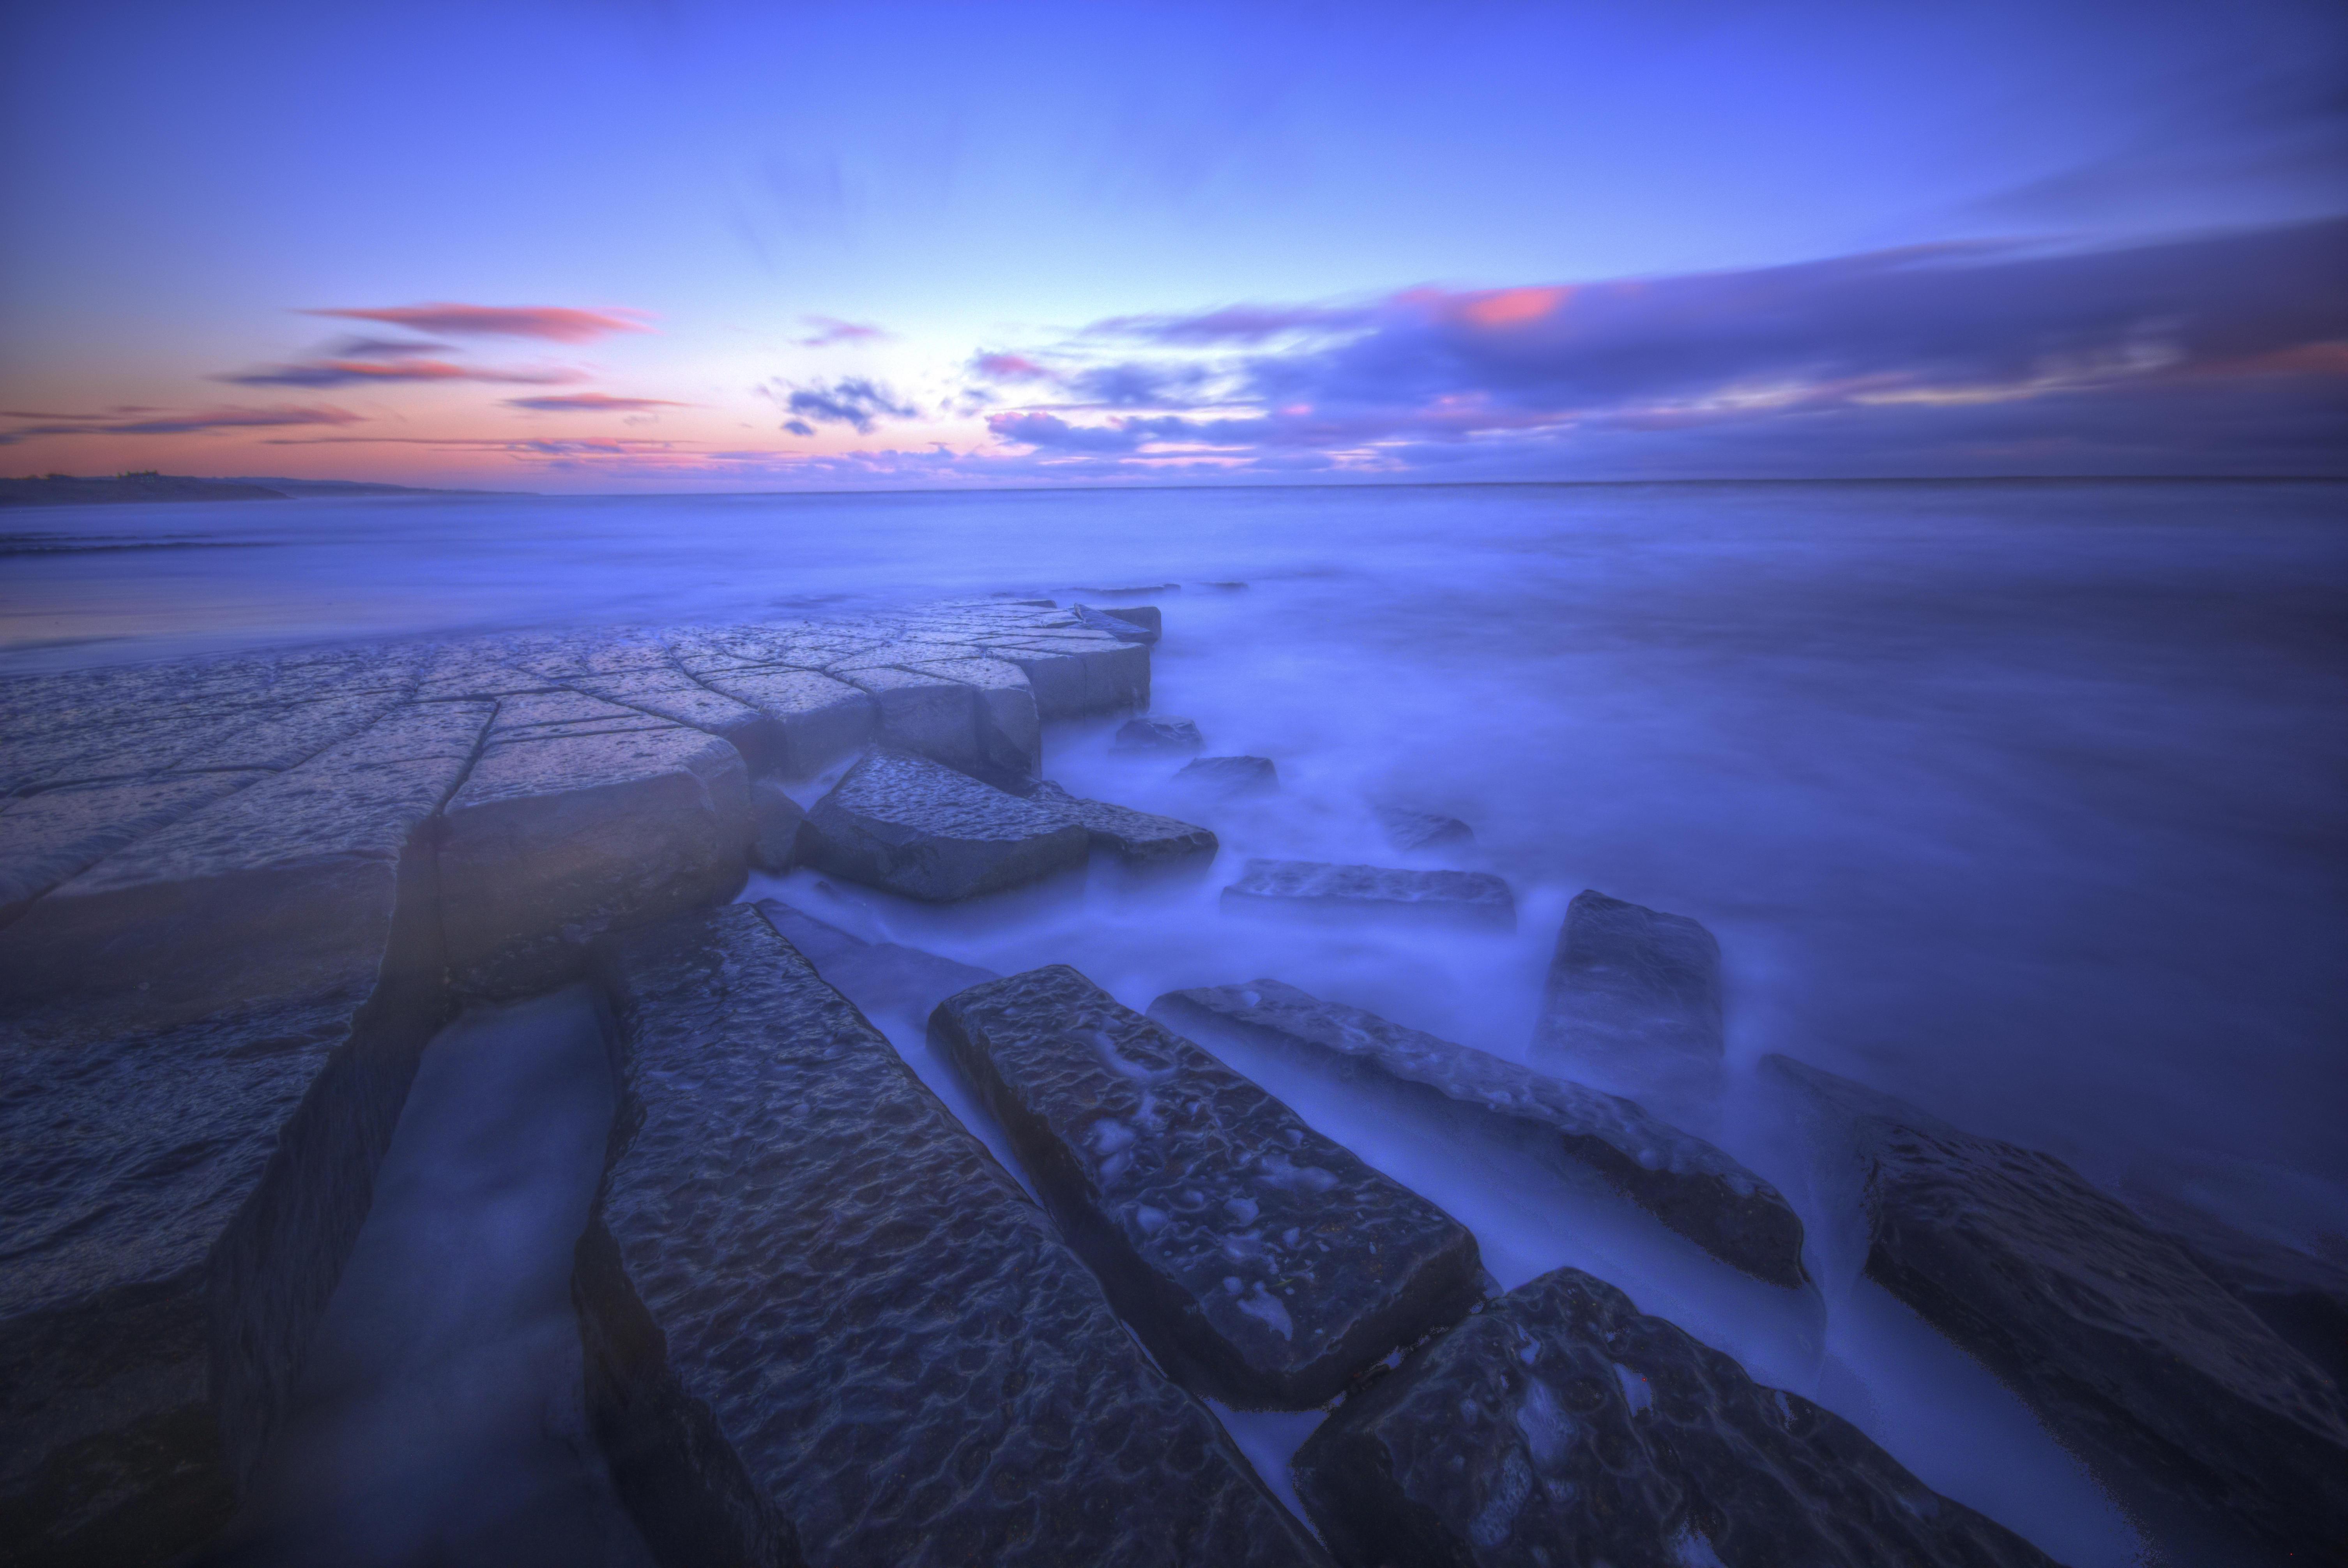 Обои морской пейзаж, Северное море, Нортумберленд, Северо-Восточная Англия